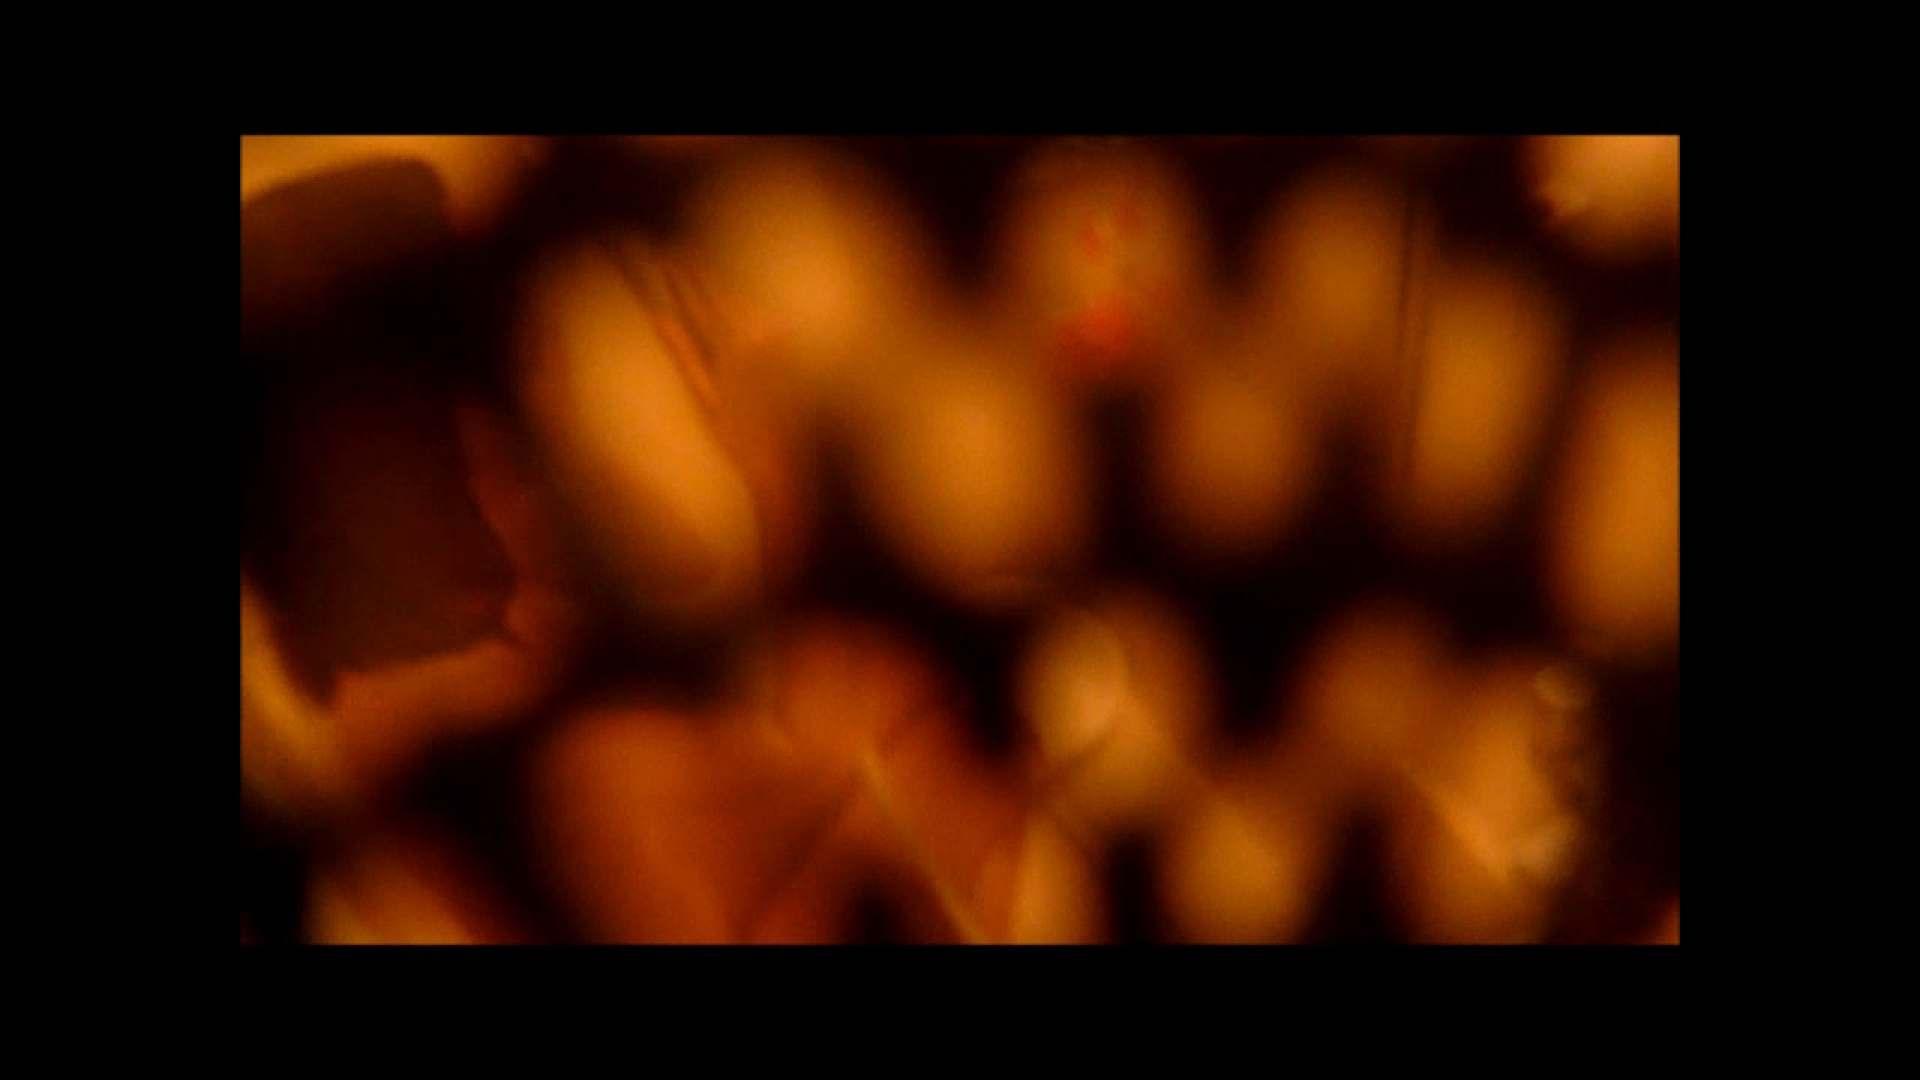 【02】ベランダに侵入して張り込みを始めて・・・やっと結果が出ました。 モロだしオマンコ  79pic 55